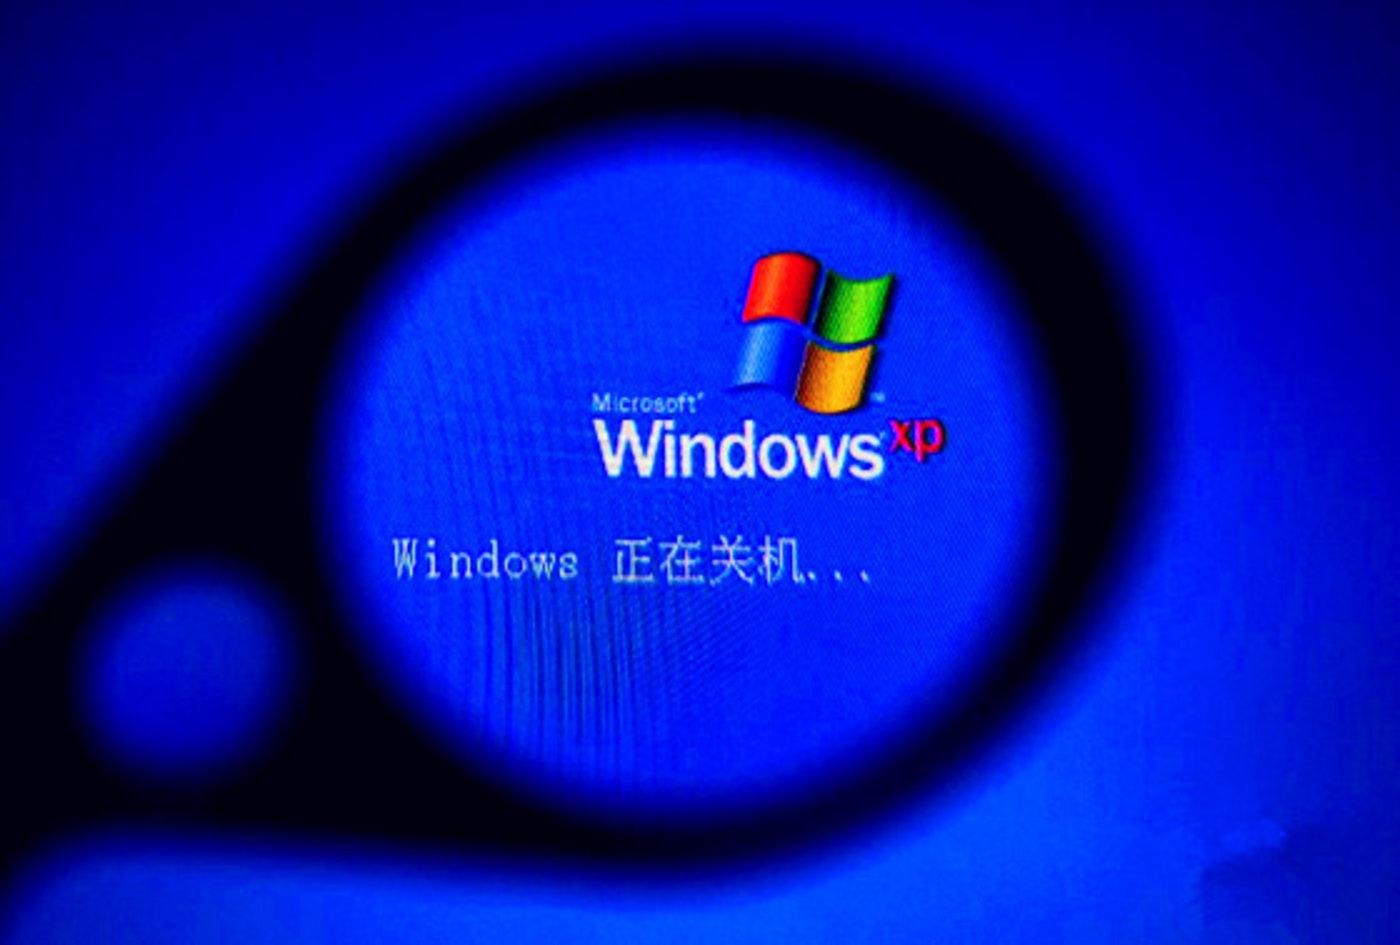 微软windows xp